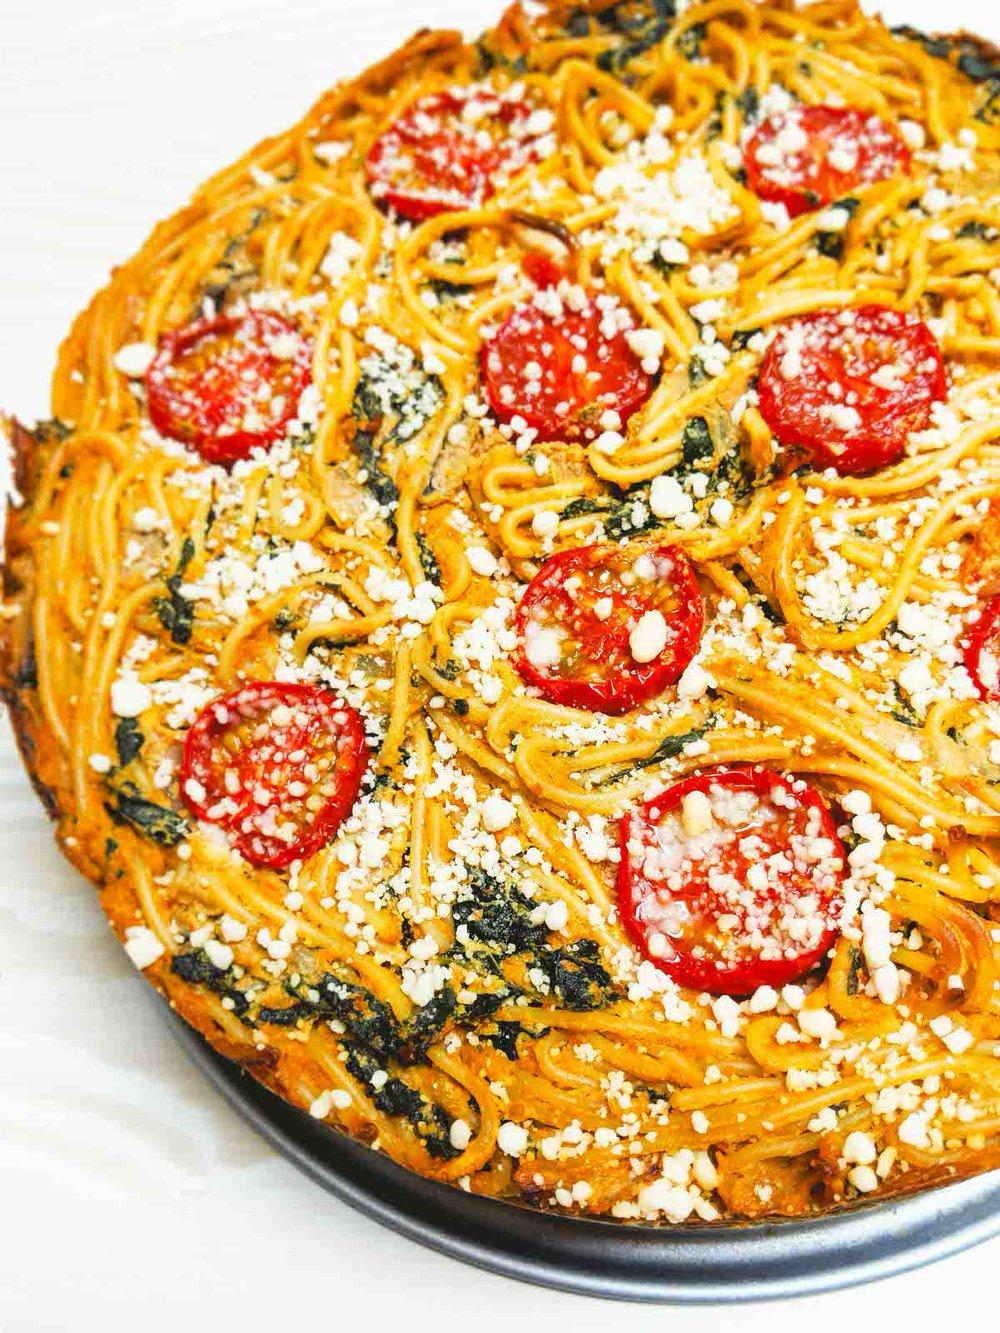 vegan-kale-mushroom-tomato-spaghetti-pie.JPG